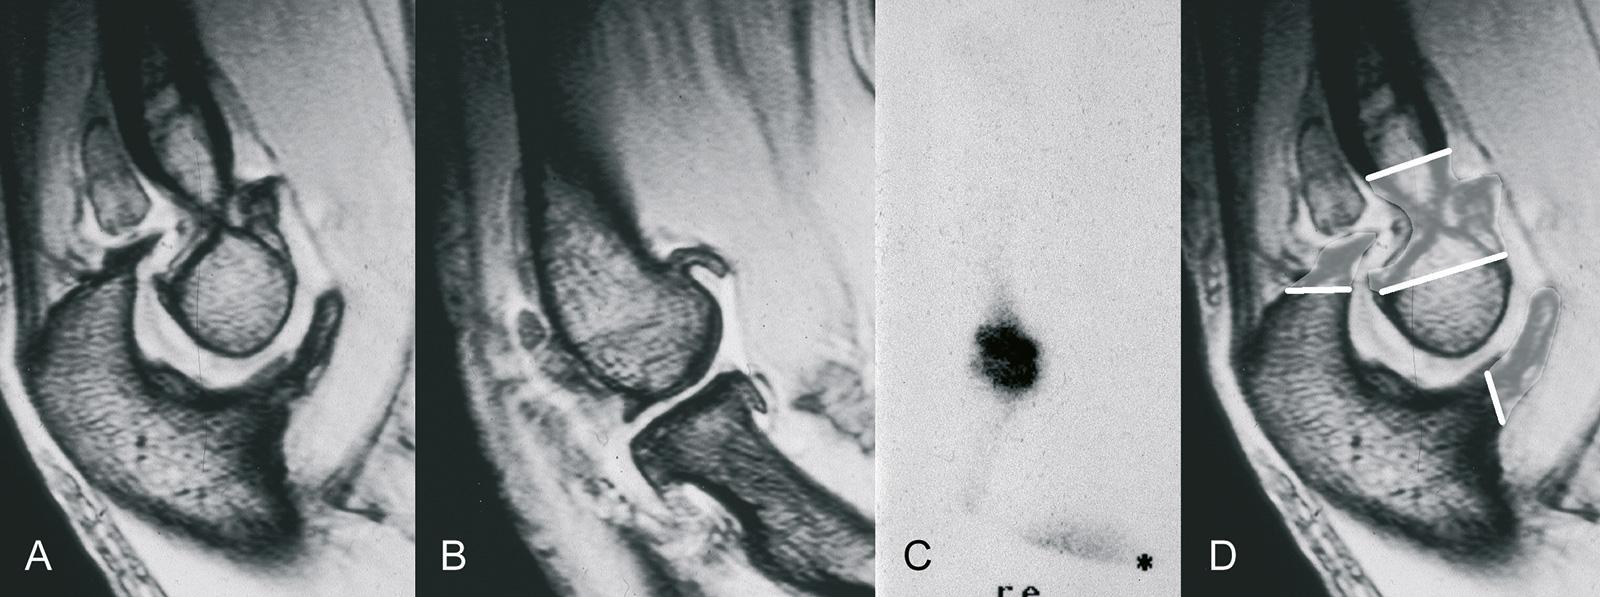 Abb. 1-66: Arthrose des Ellenbogengelenks im MRT (A,B) und in der Knochenszintigrafie (C). Schema der ulnohumeralen Gelenkplastik (D)